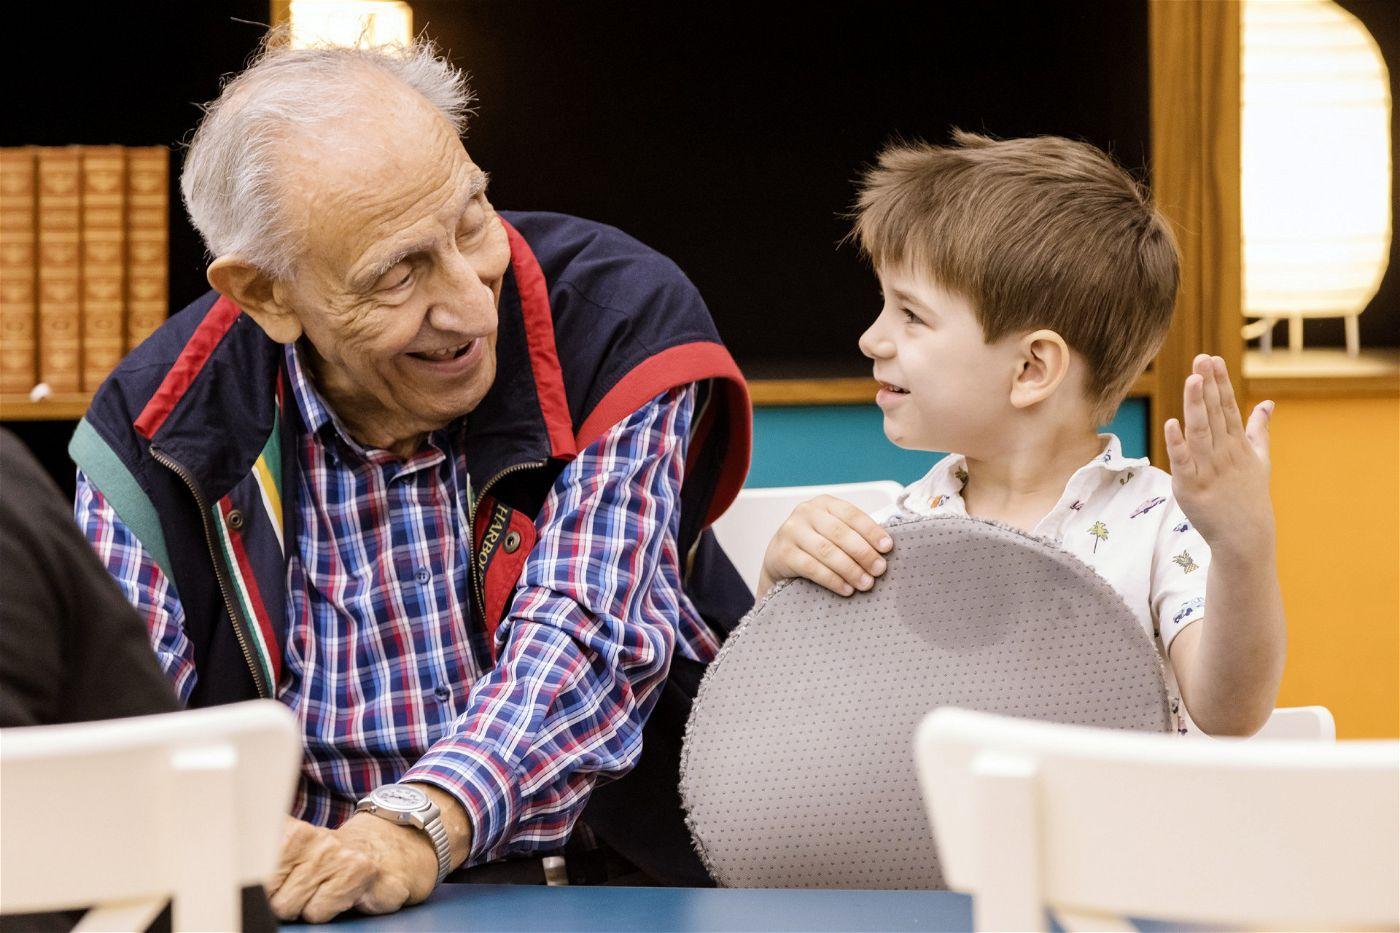 """Franz (92) und Christian (4): Die beiden verstehen sich in der VOX-Sendung """"Wir sind klein und ihr seid alt"""" prächtig."""